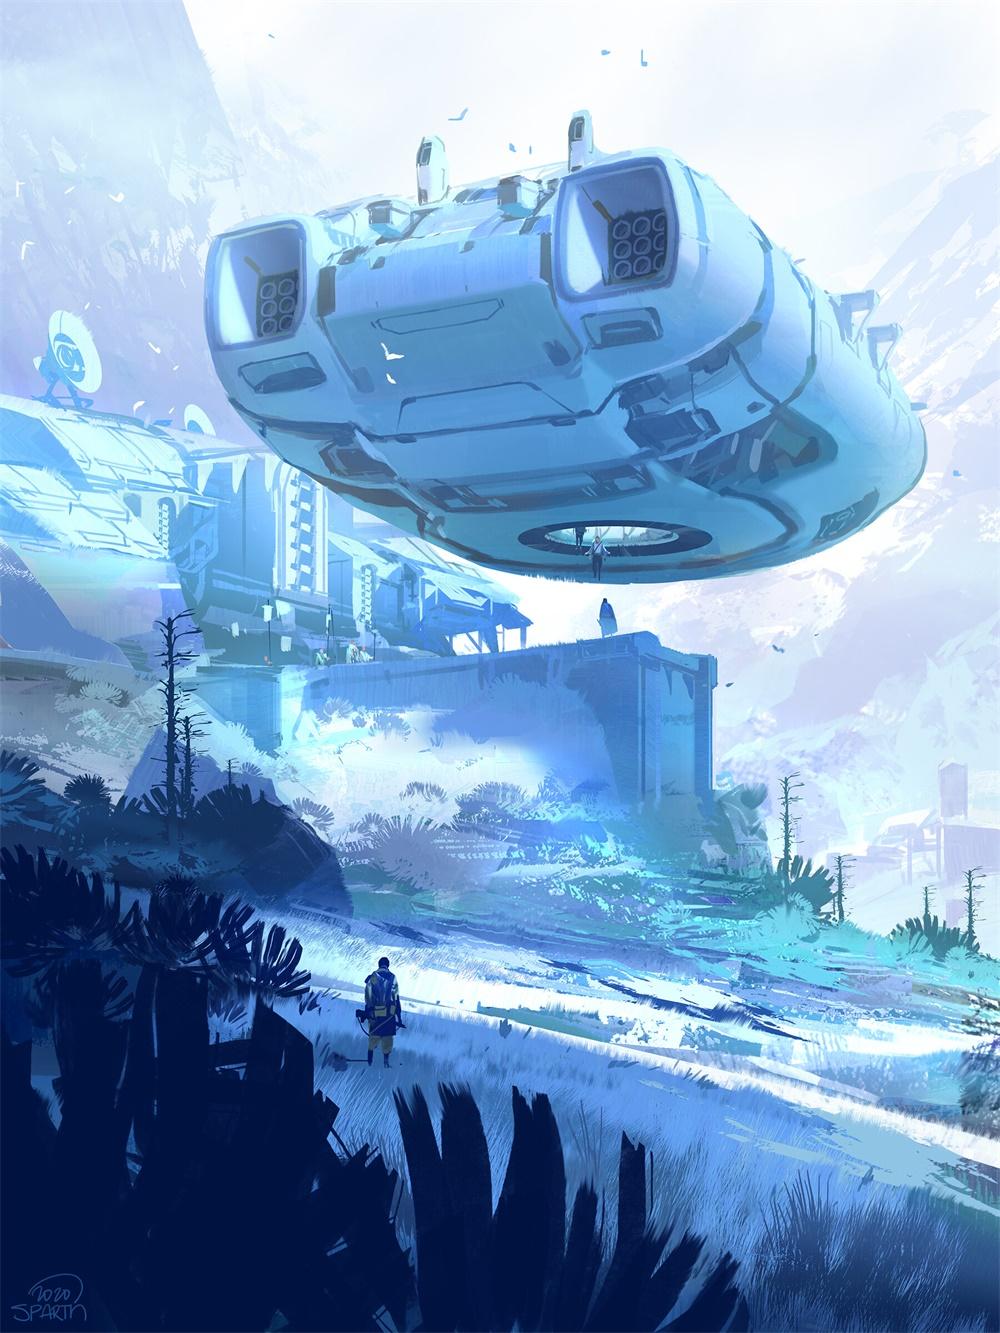 科幻题材!12款概念场景设计